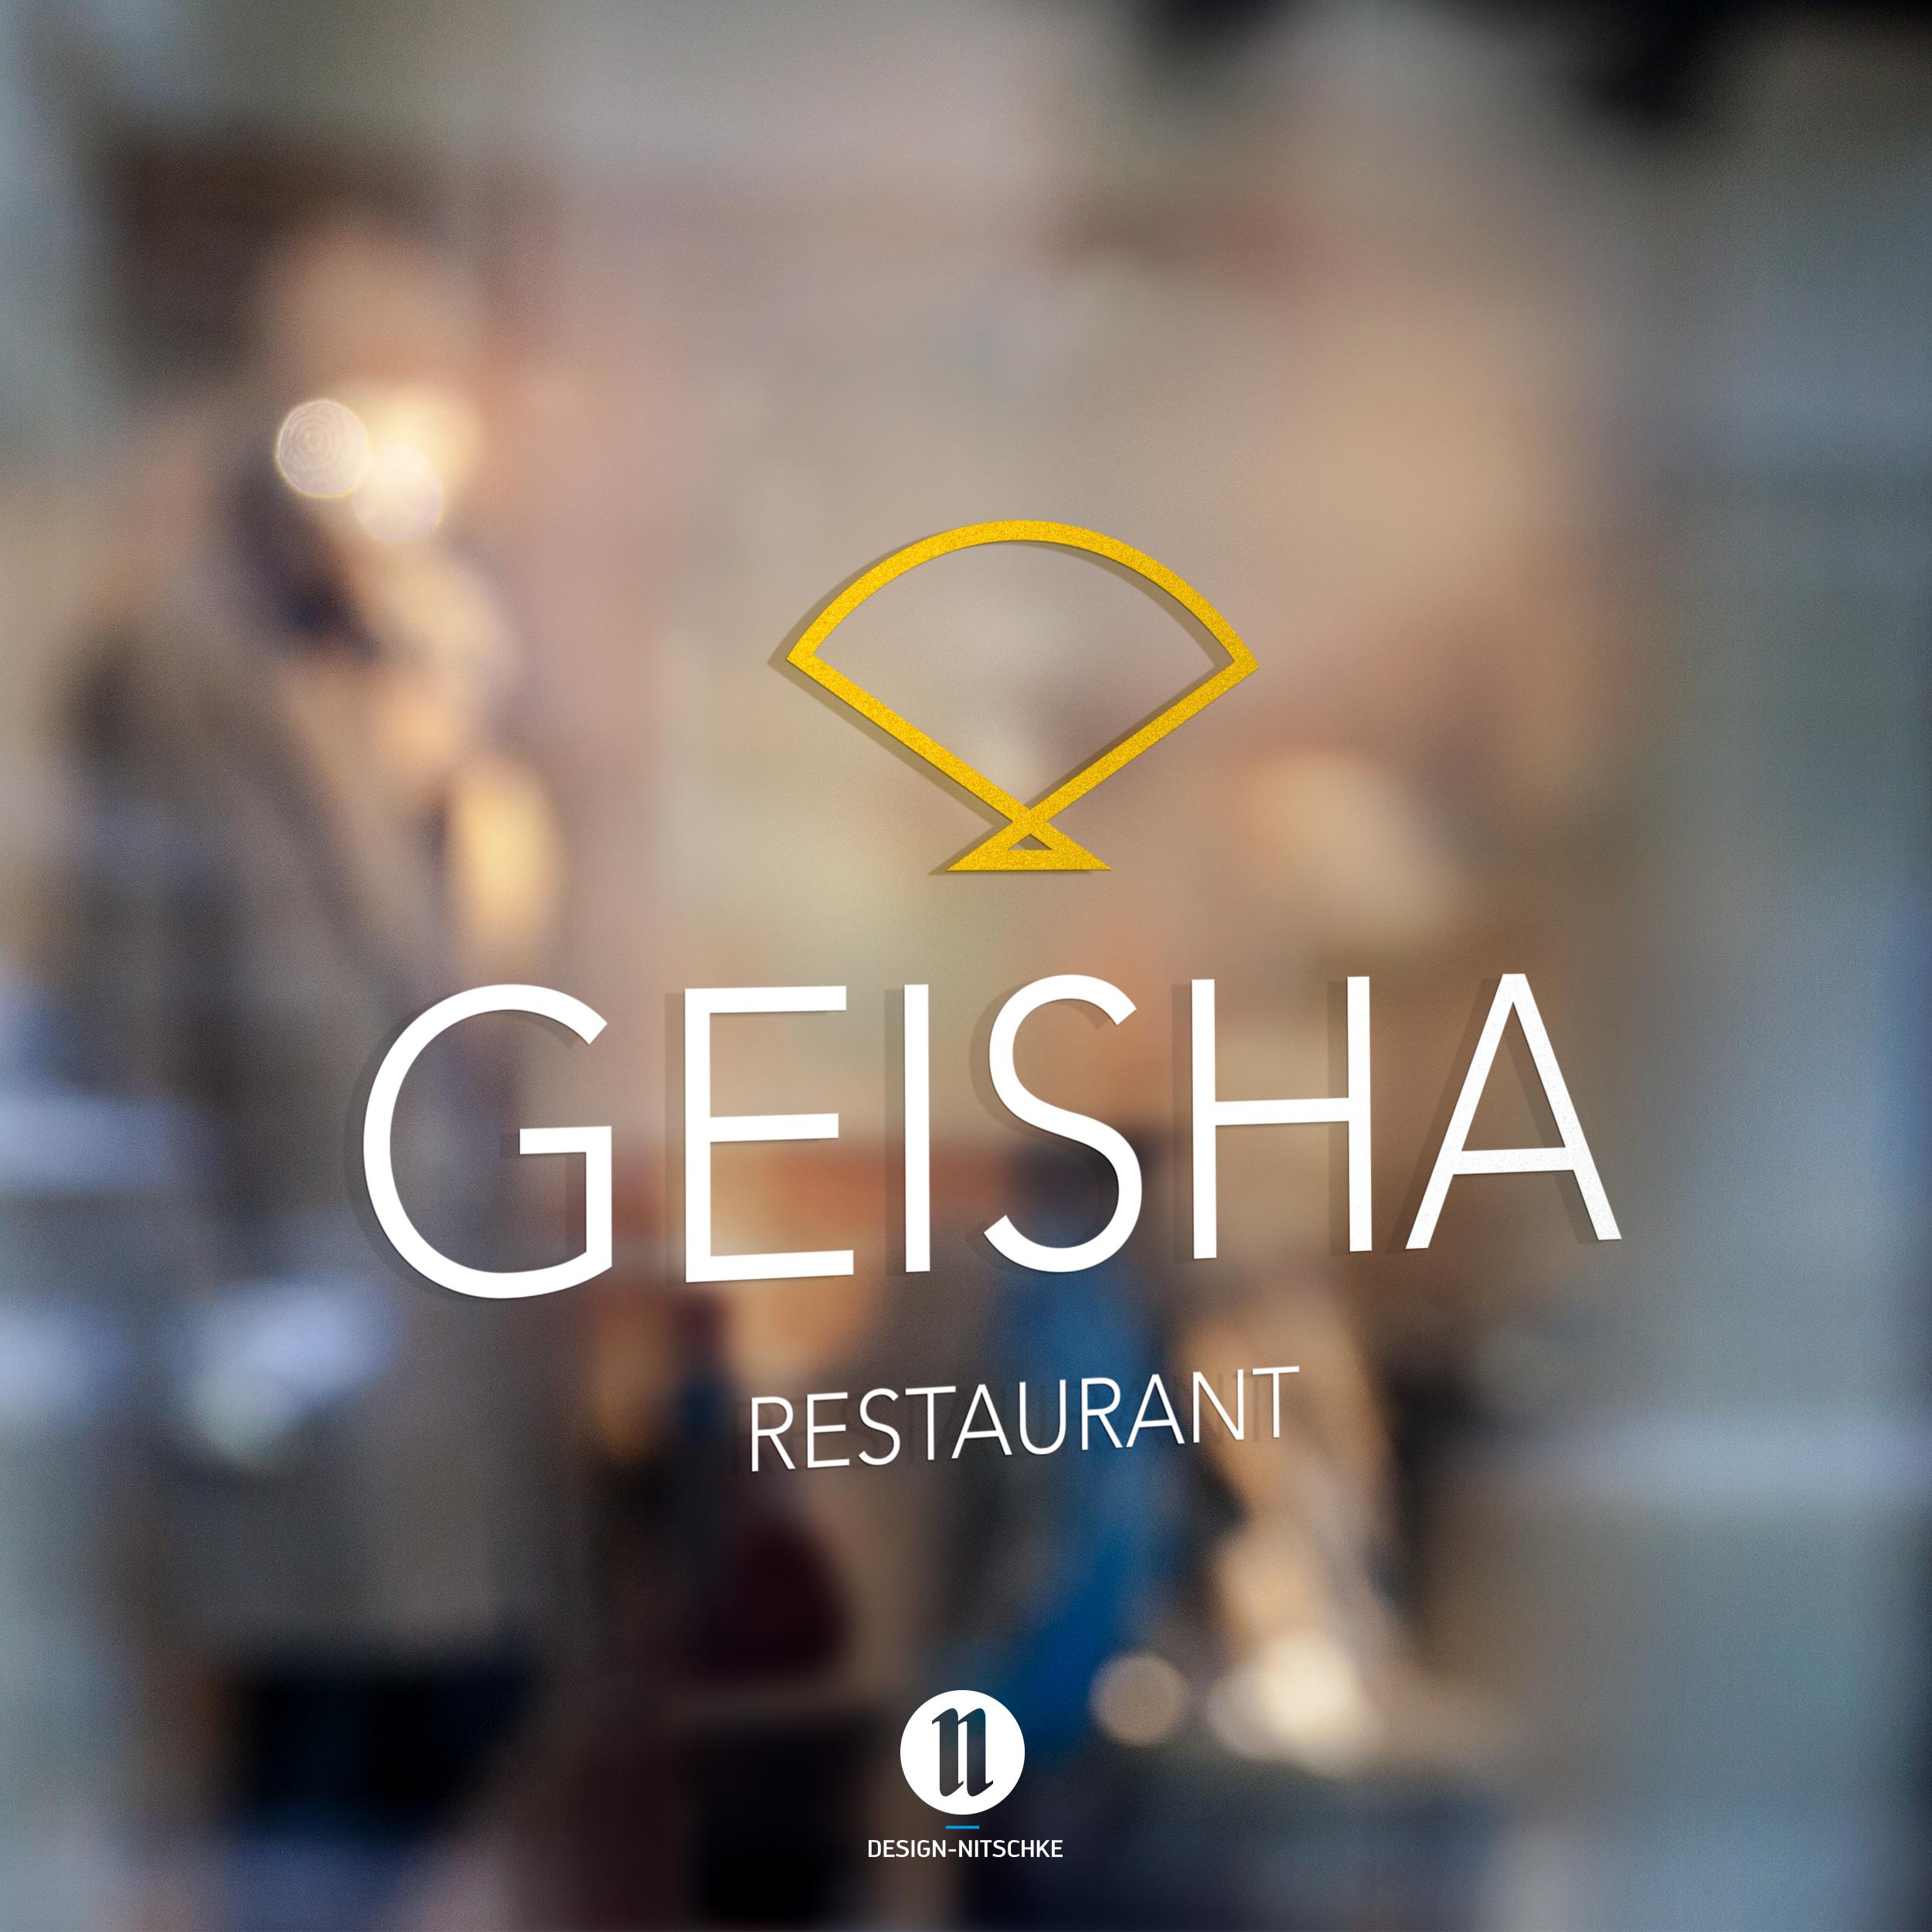 geisha_restaurant_ci_oranienburg_design_werbeagentur_logo_nitschke_fenster_beschriftung.jpg